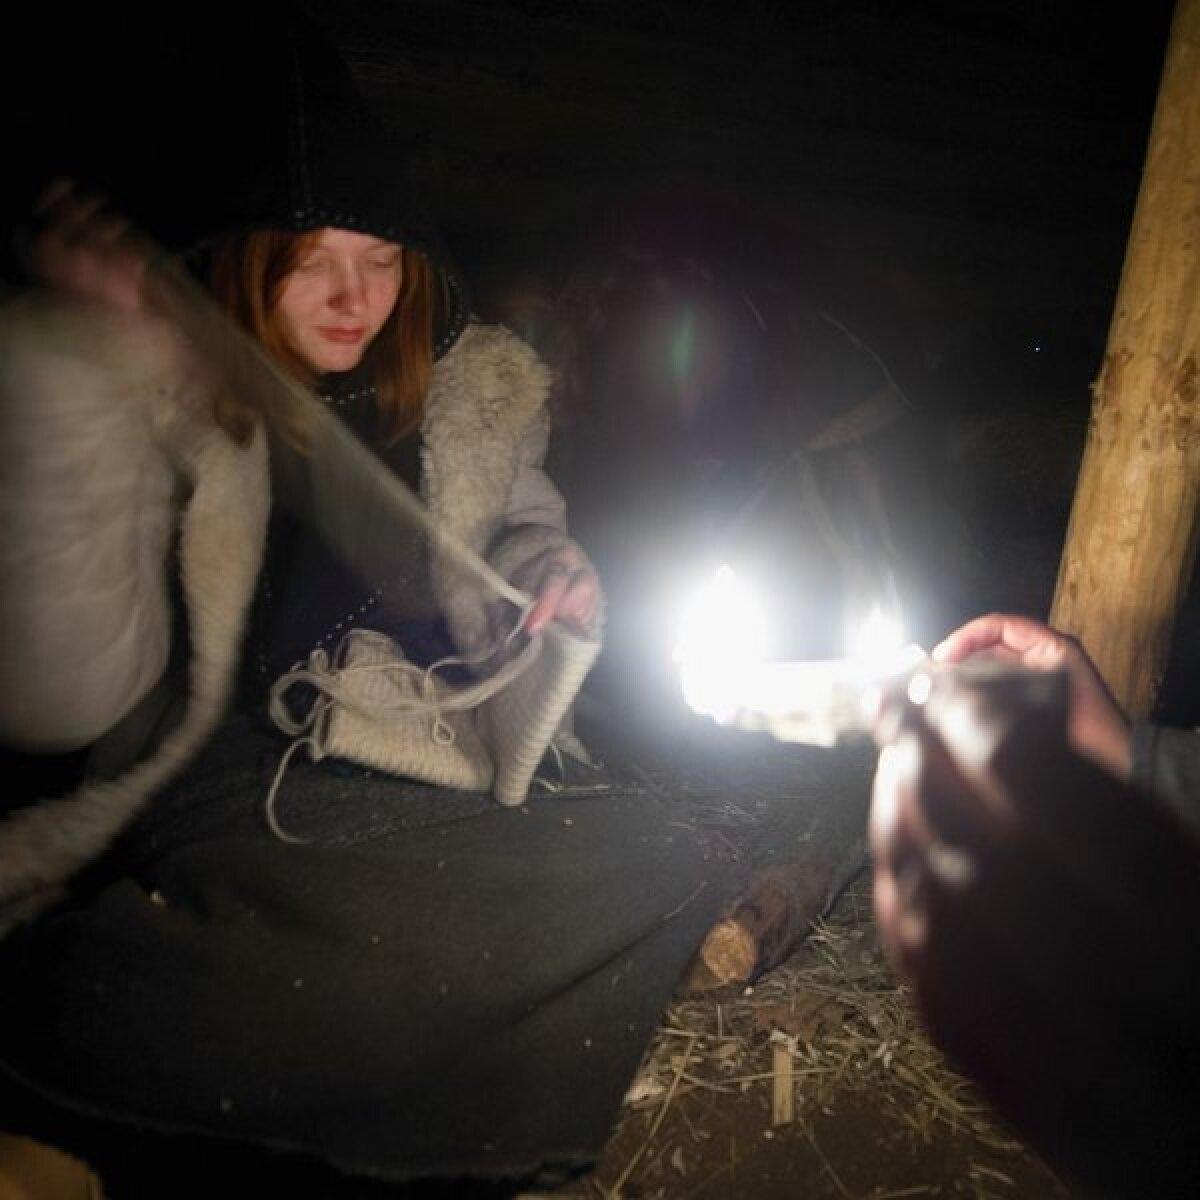 Maarja Lainevoog näitab peeruga tuld Kristiina Paavelile kes käsitööd teeb